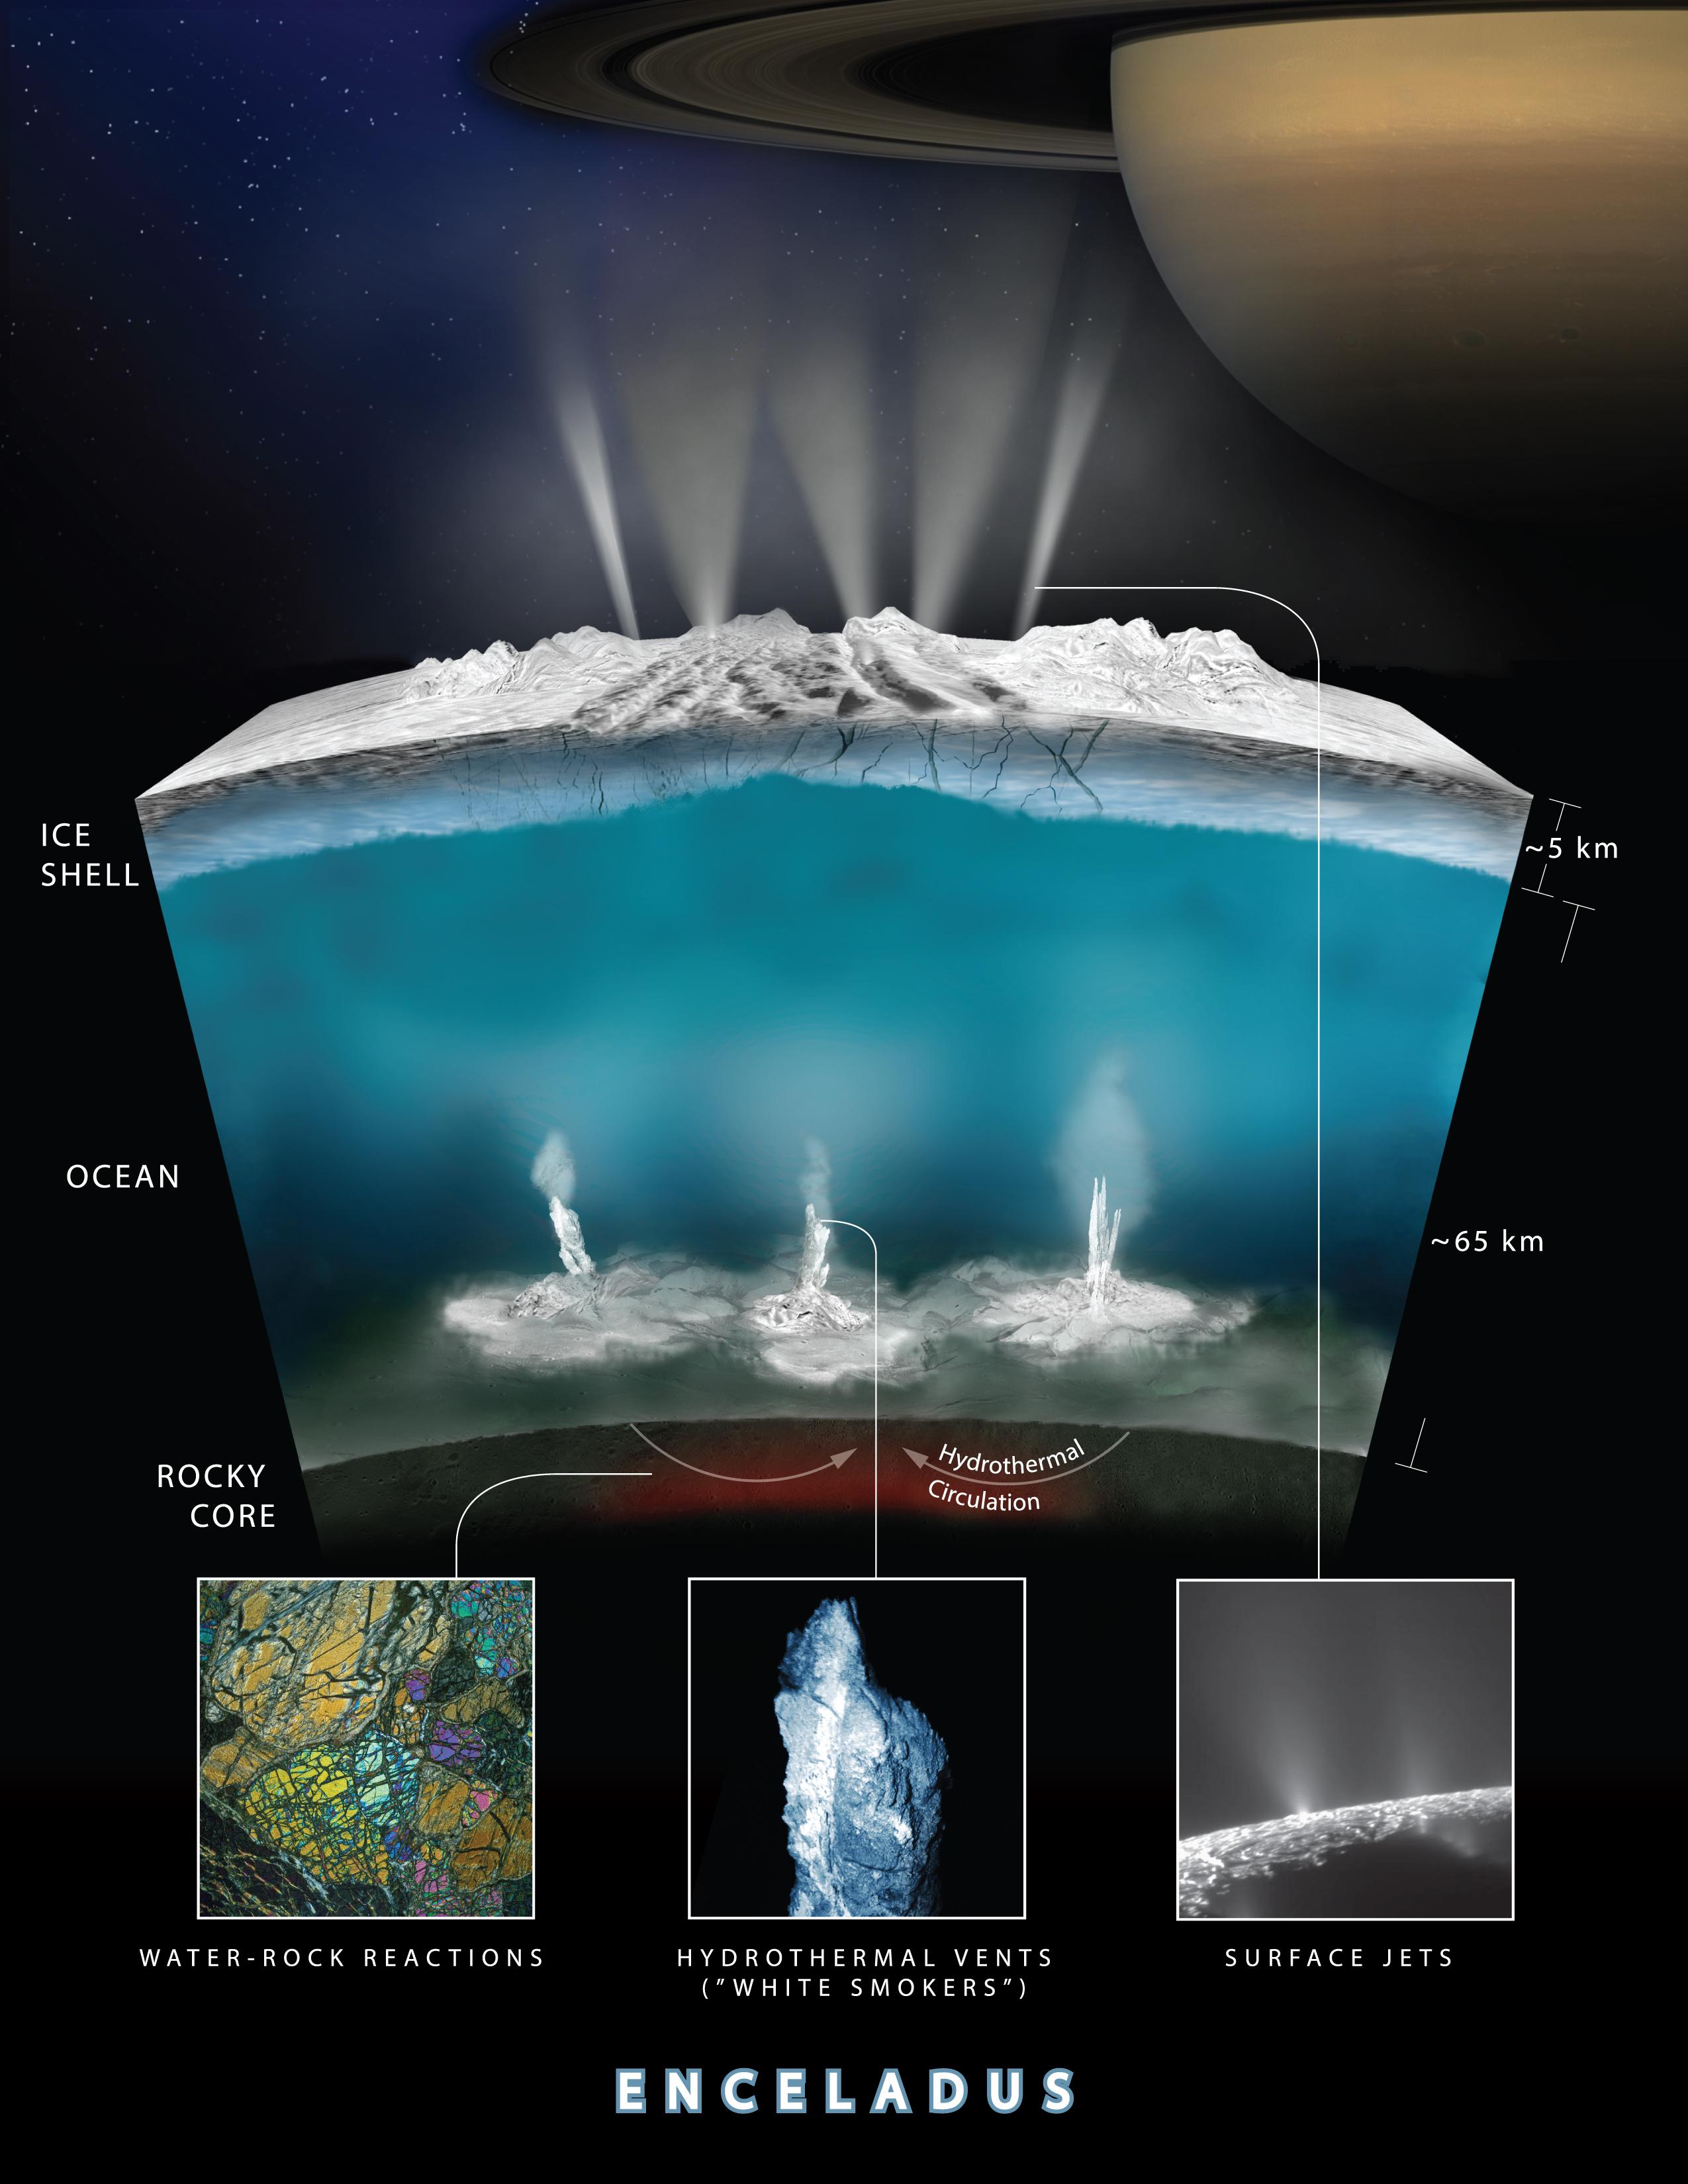 Un shéma expliquant l'activité géologique d'Encelade, de l'activité volcanique sous-marine jusqu'à l'apparition des geysers en surface